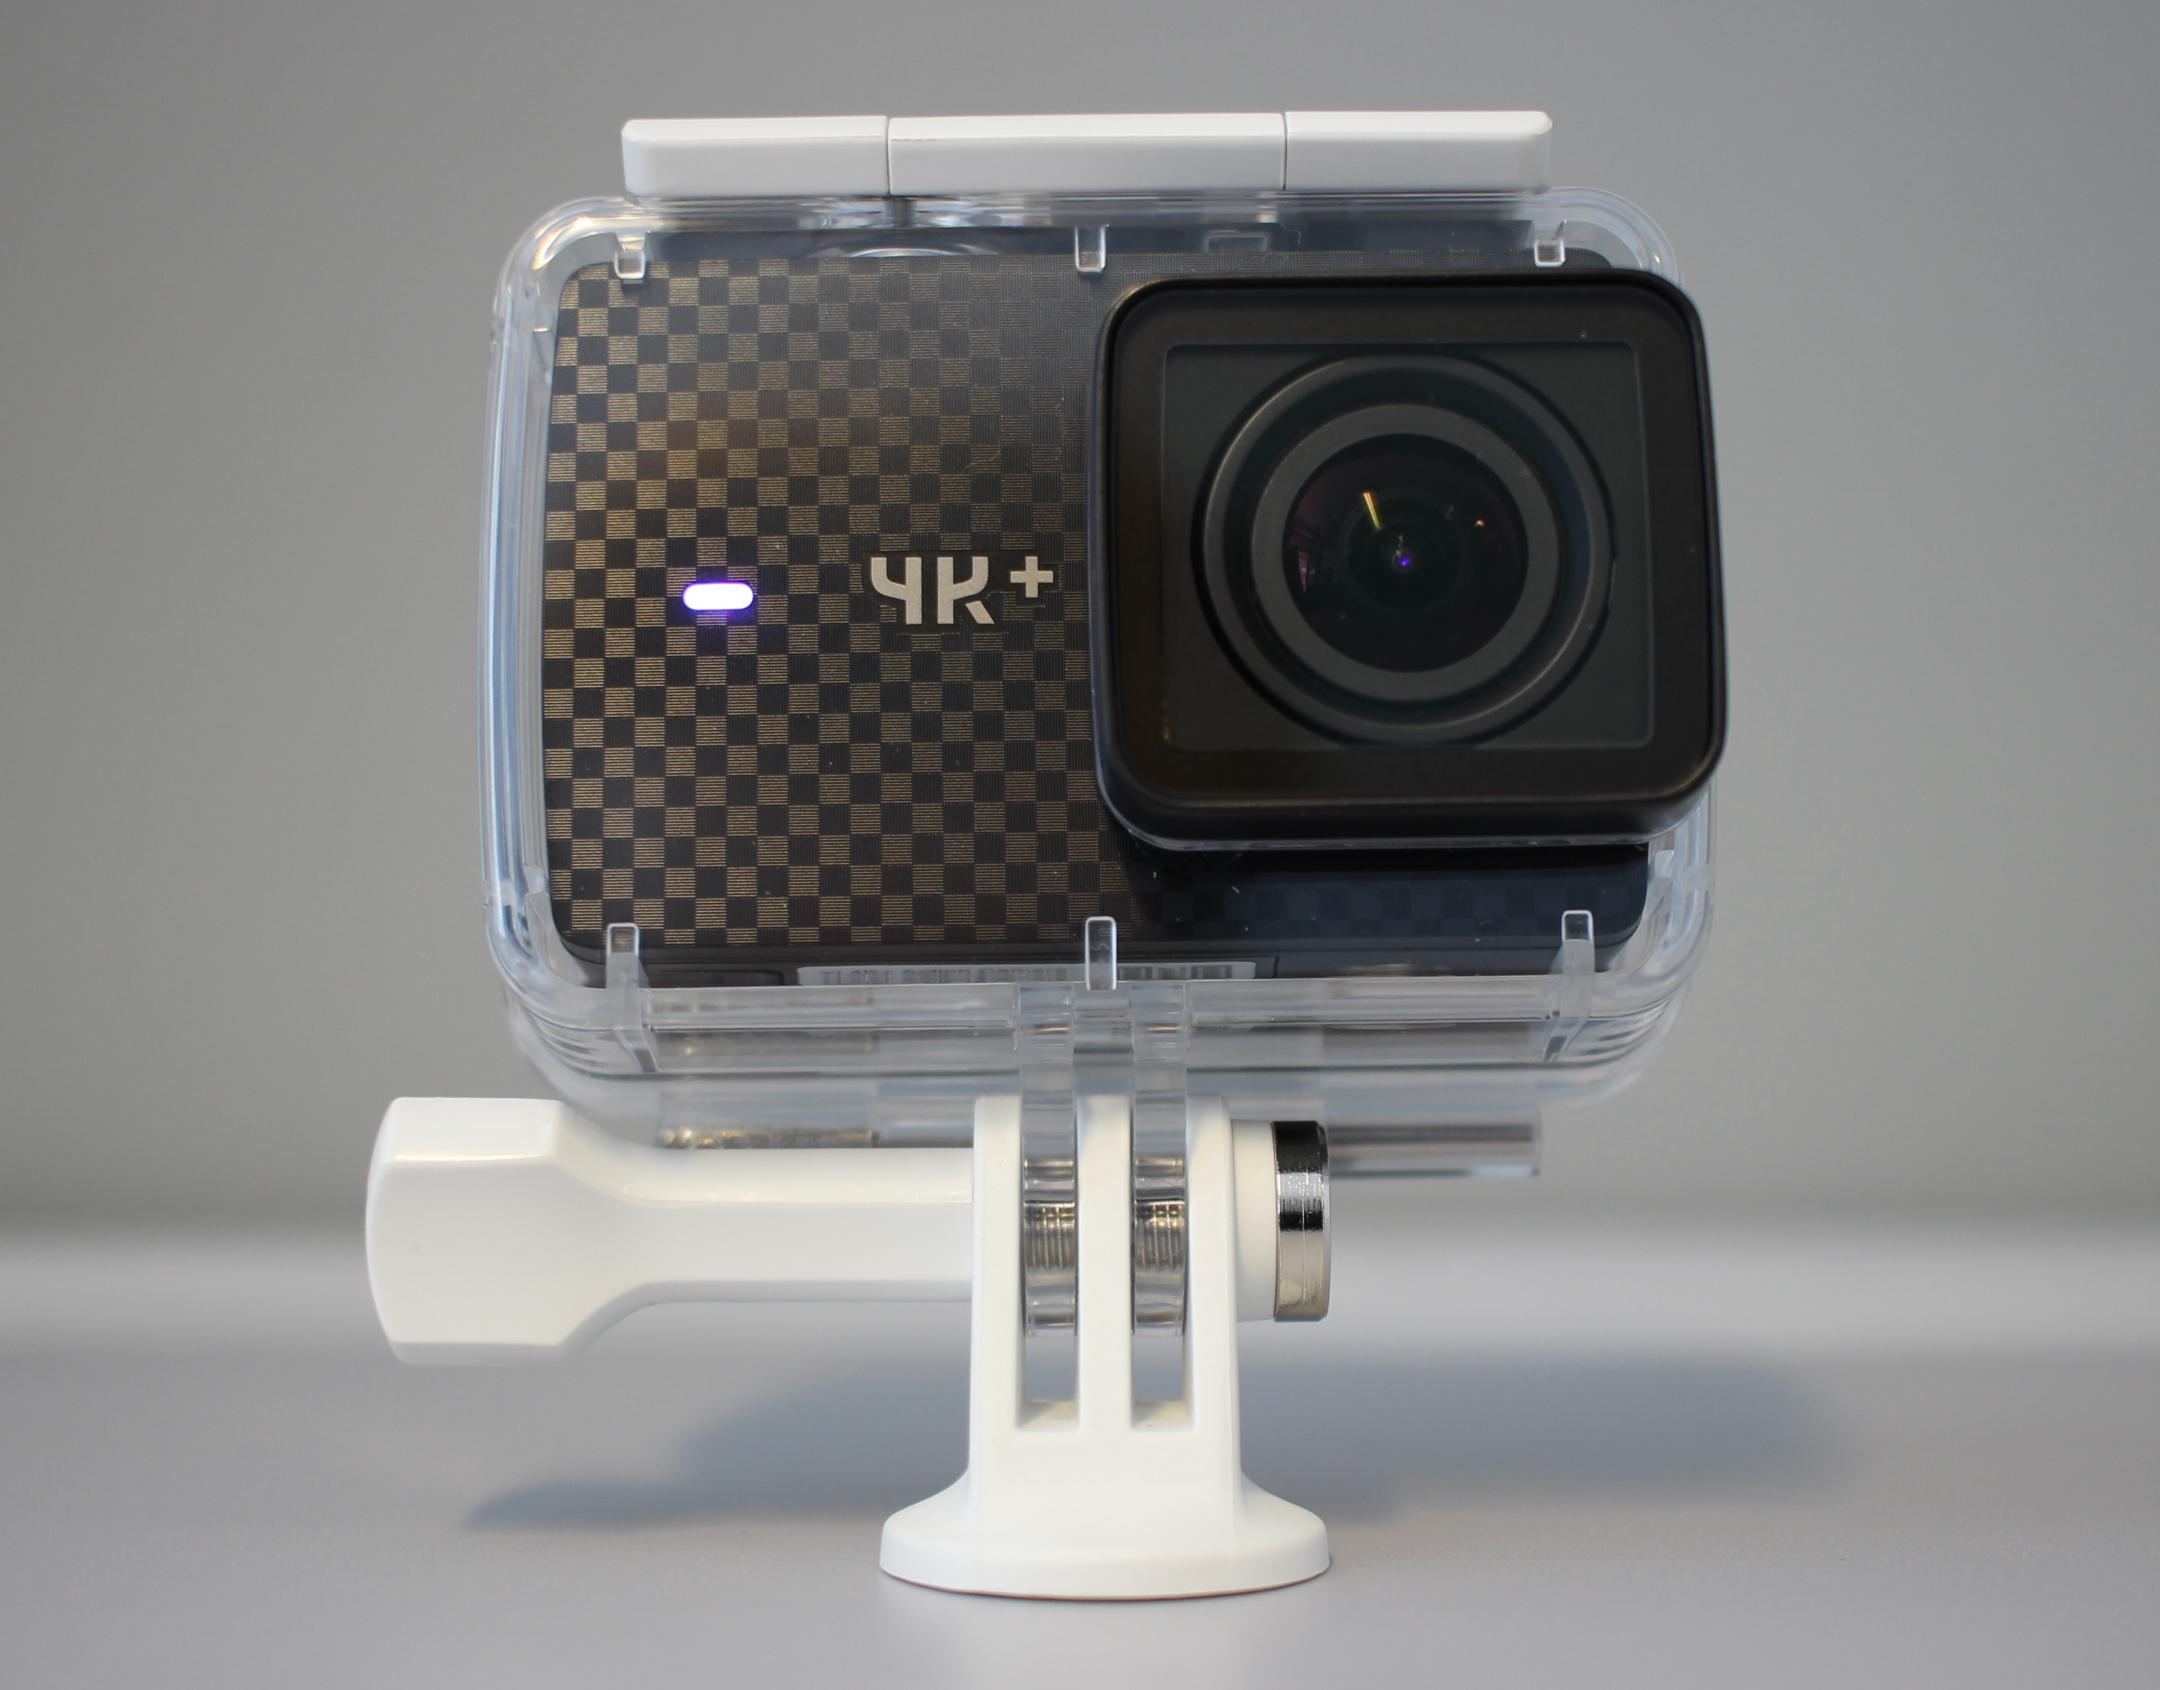 gopro killer yi 4k weltweit erste action cam mit 4k bei. Black Bedroom Furniture Sets. Home Design Ideas